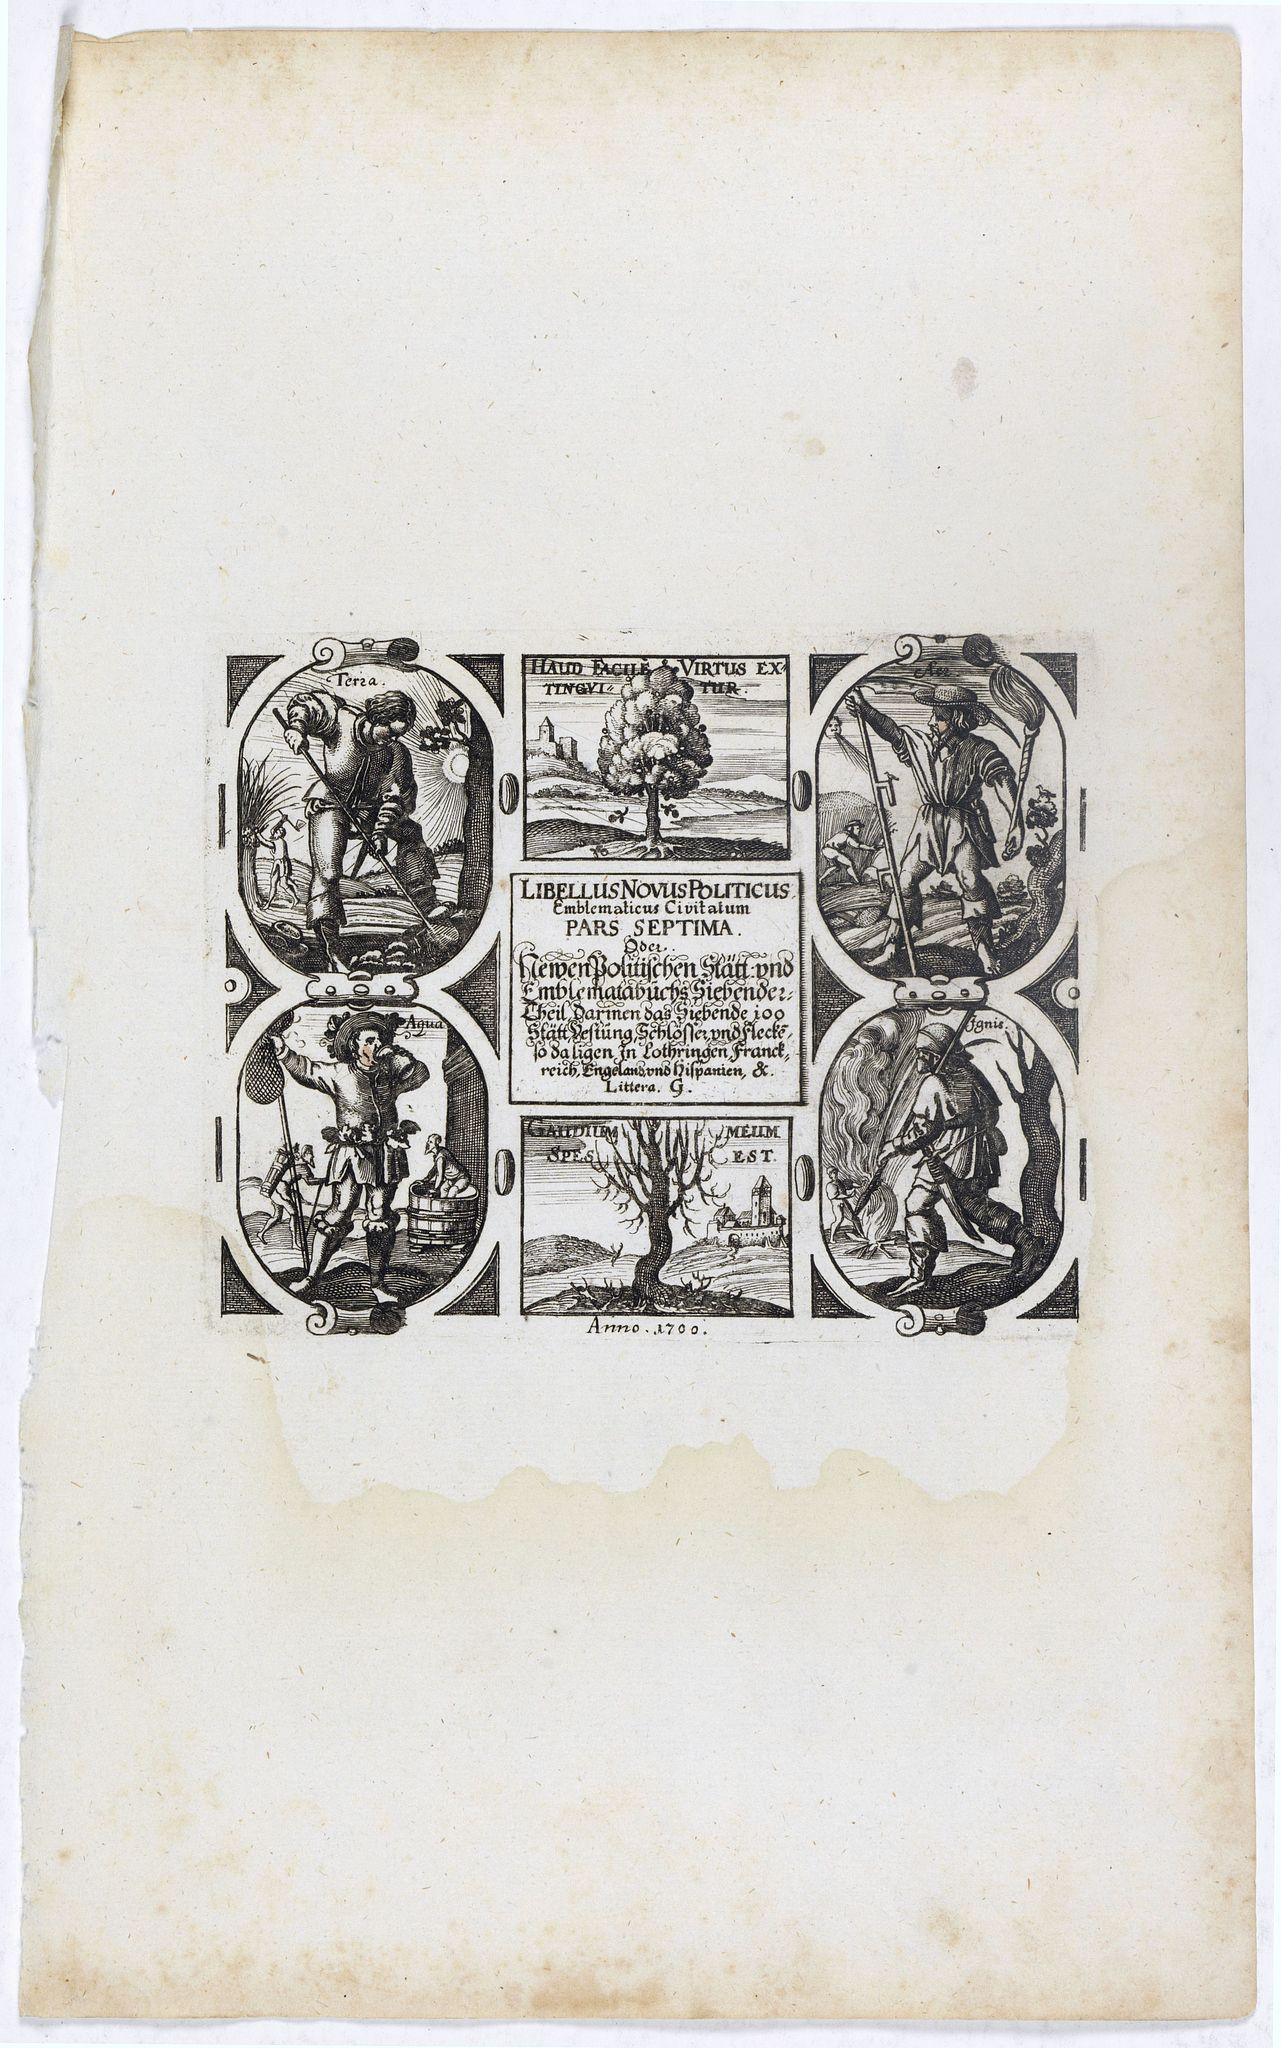 MEISNER,D. -  [Title page] Libellus Novus Politicus.. Pars Septima.